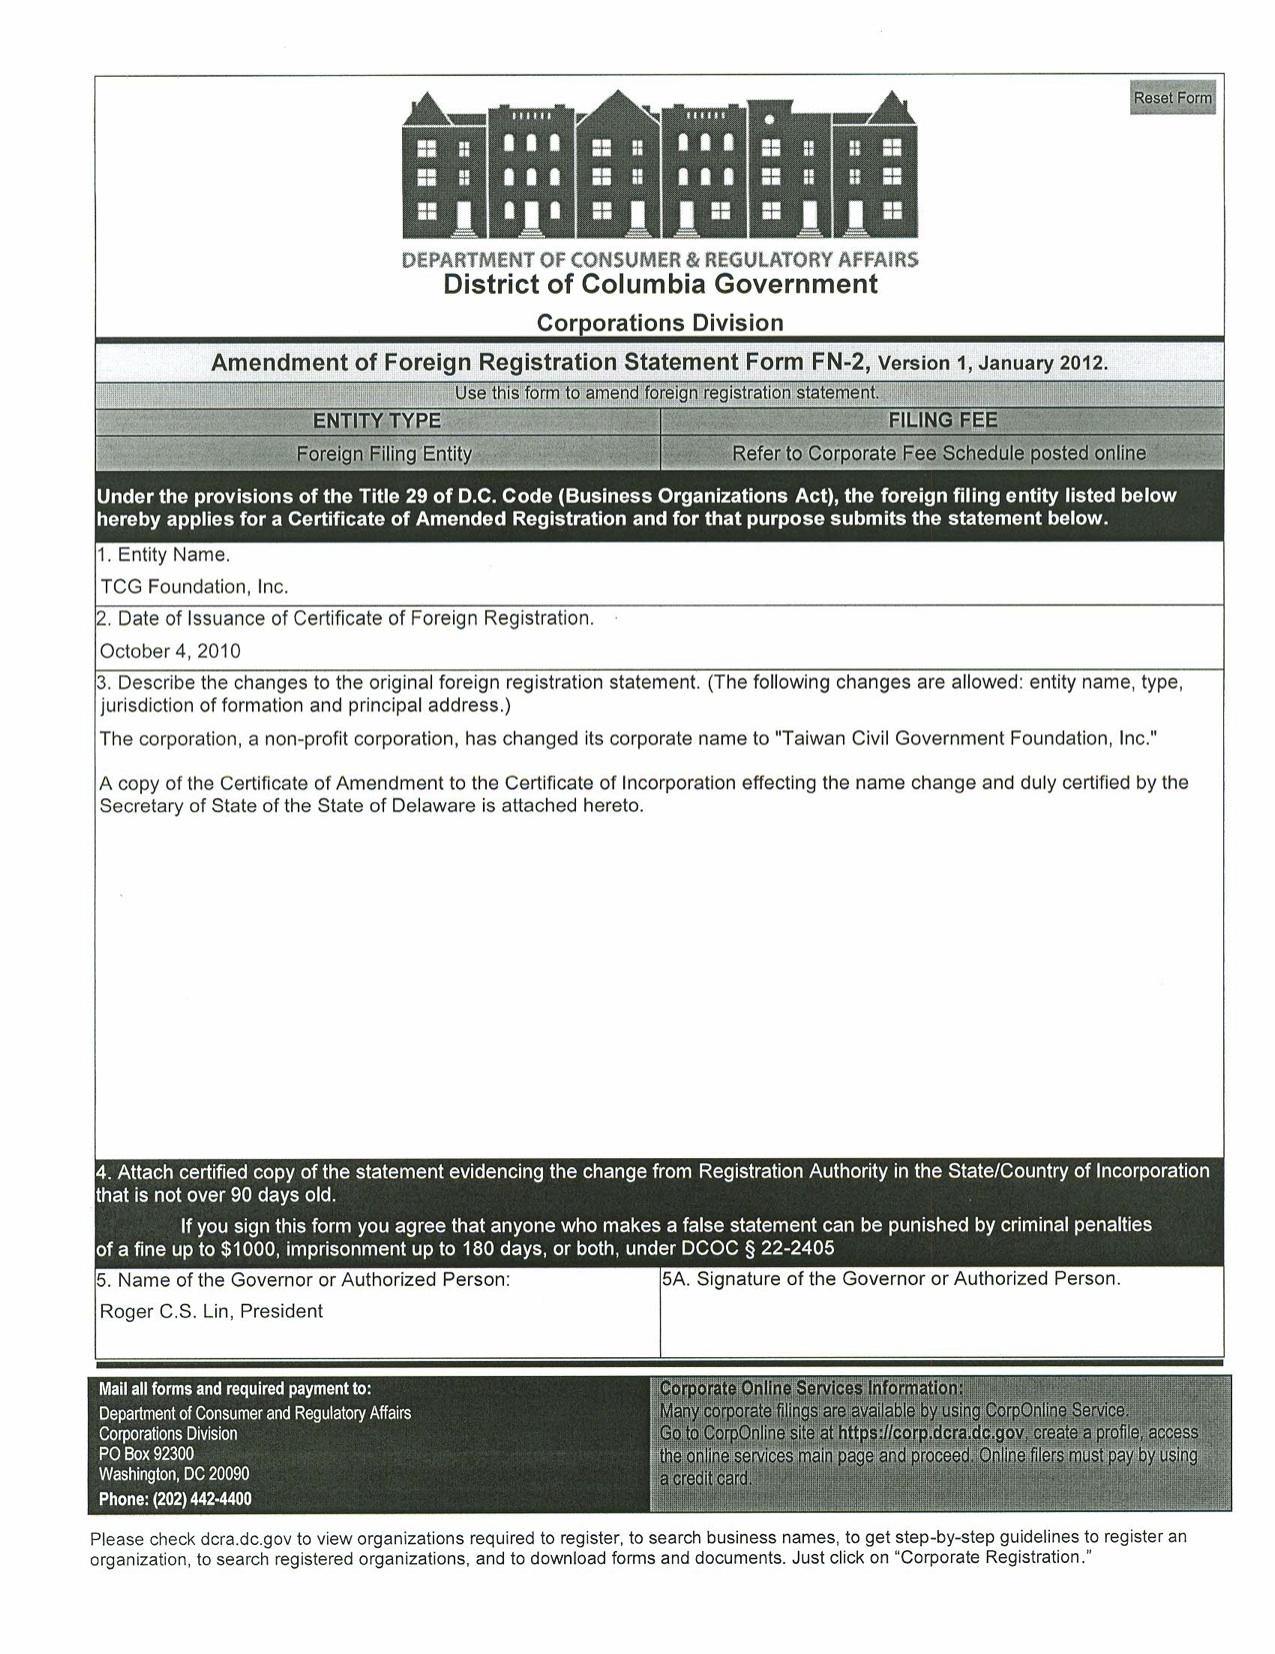 2013-01-30 【爆料】在美國合法立案 TCG 基金會 更新全名為 臺灣民政府 基金會 - 自由臺灣 Free Taiwan